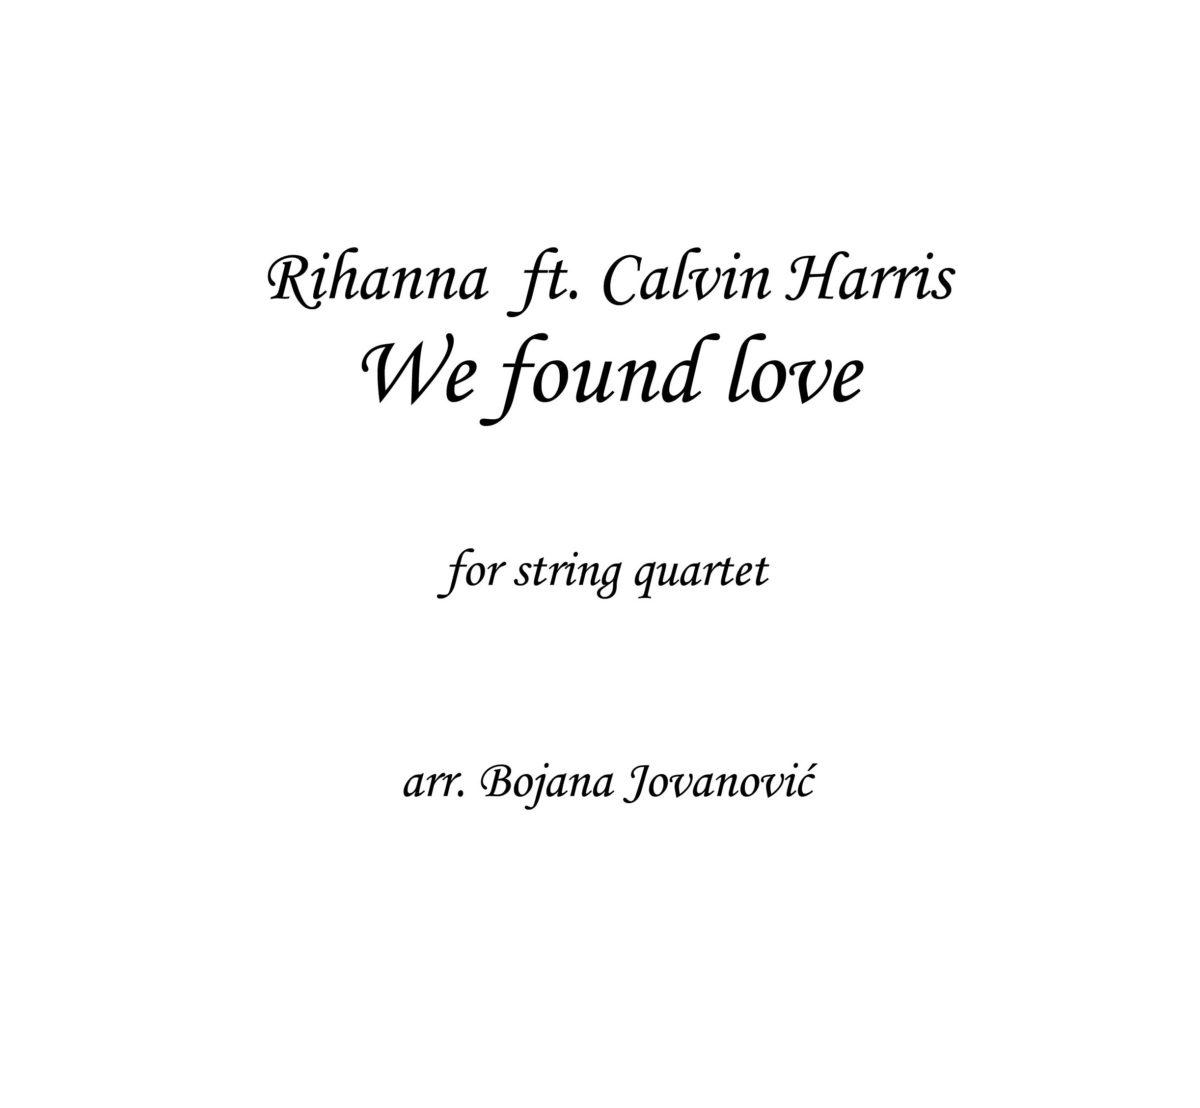 We found love (Rihanna) - Sheet Music